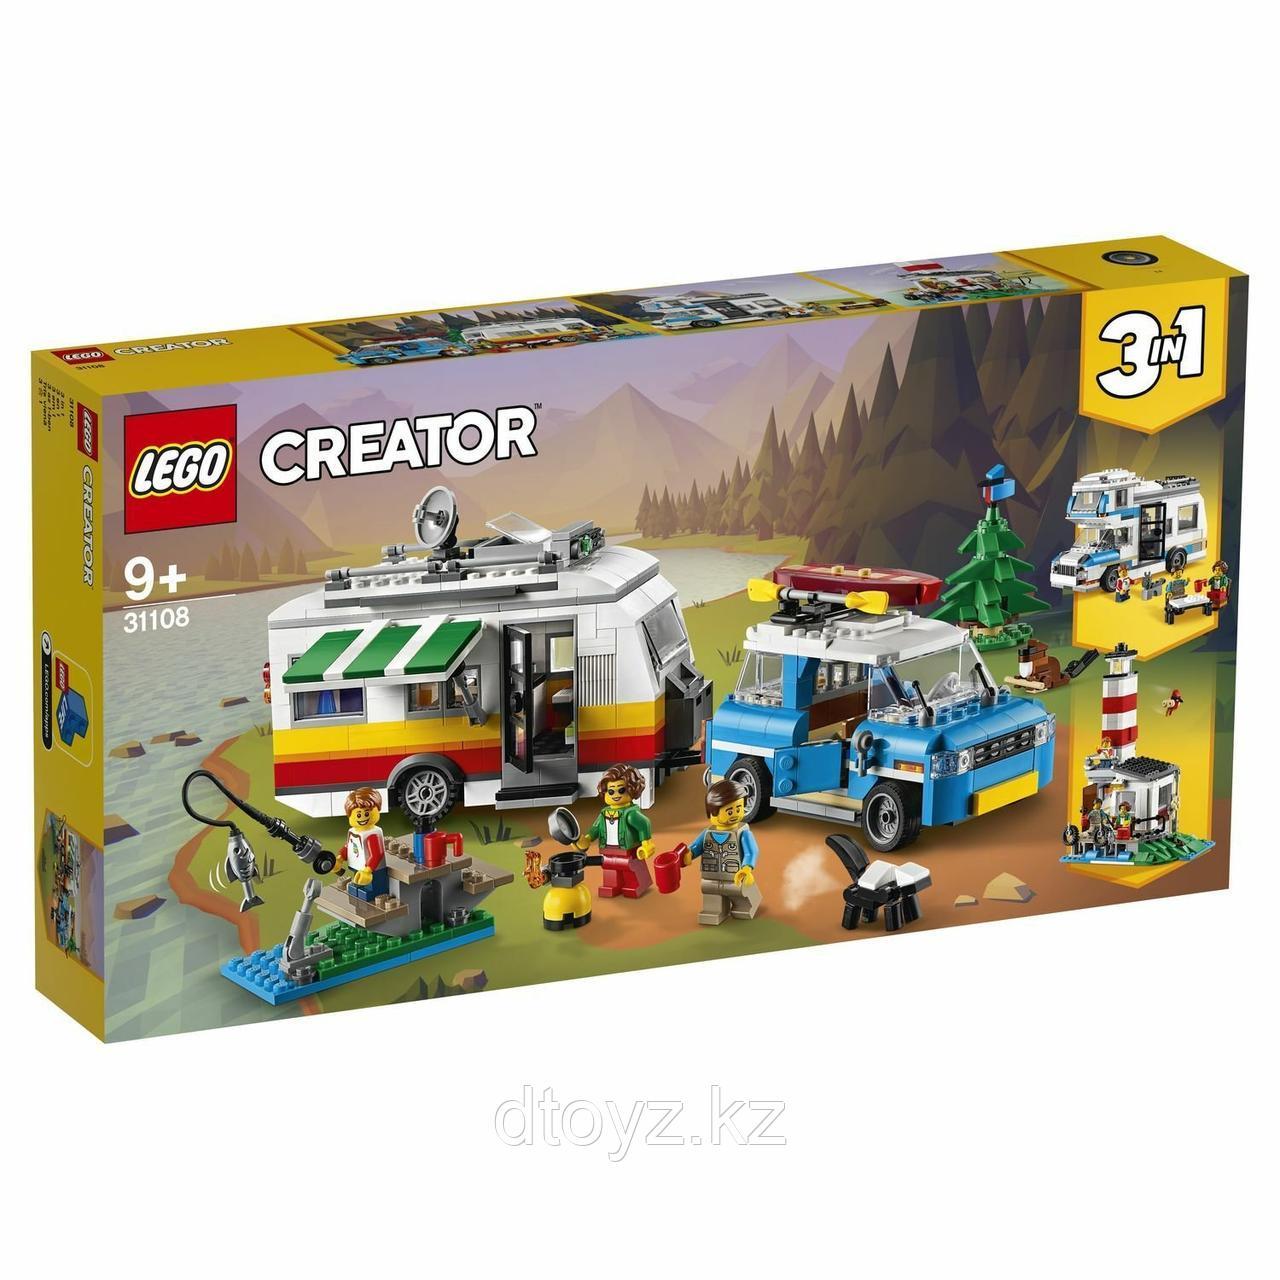 Lego Creator 31108 Отпуск в доме на колесах